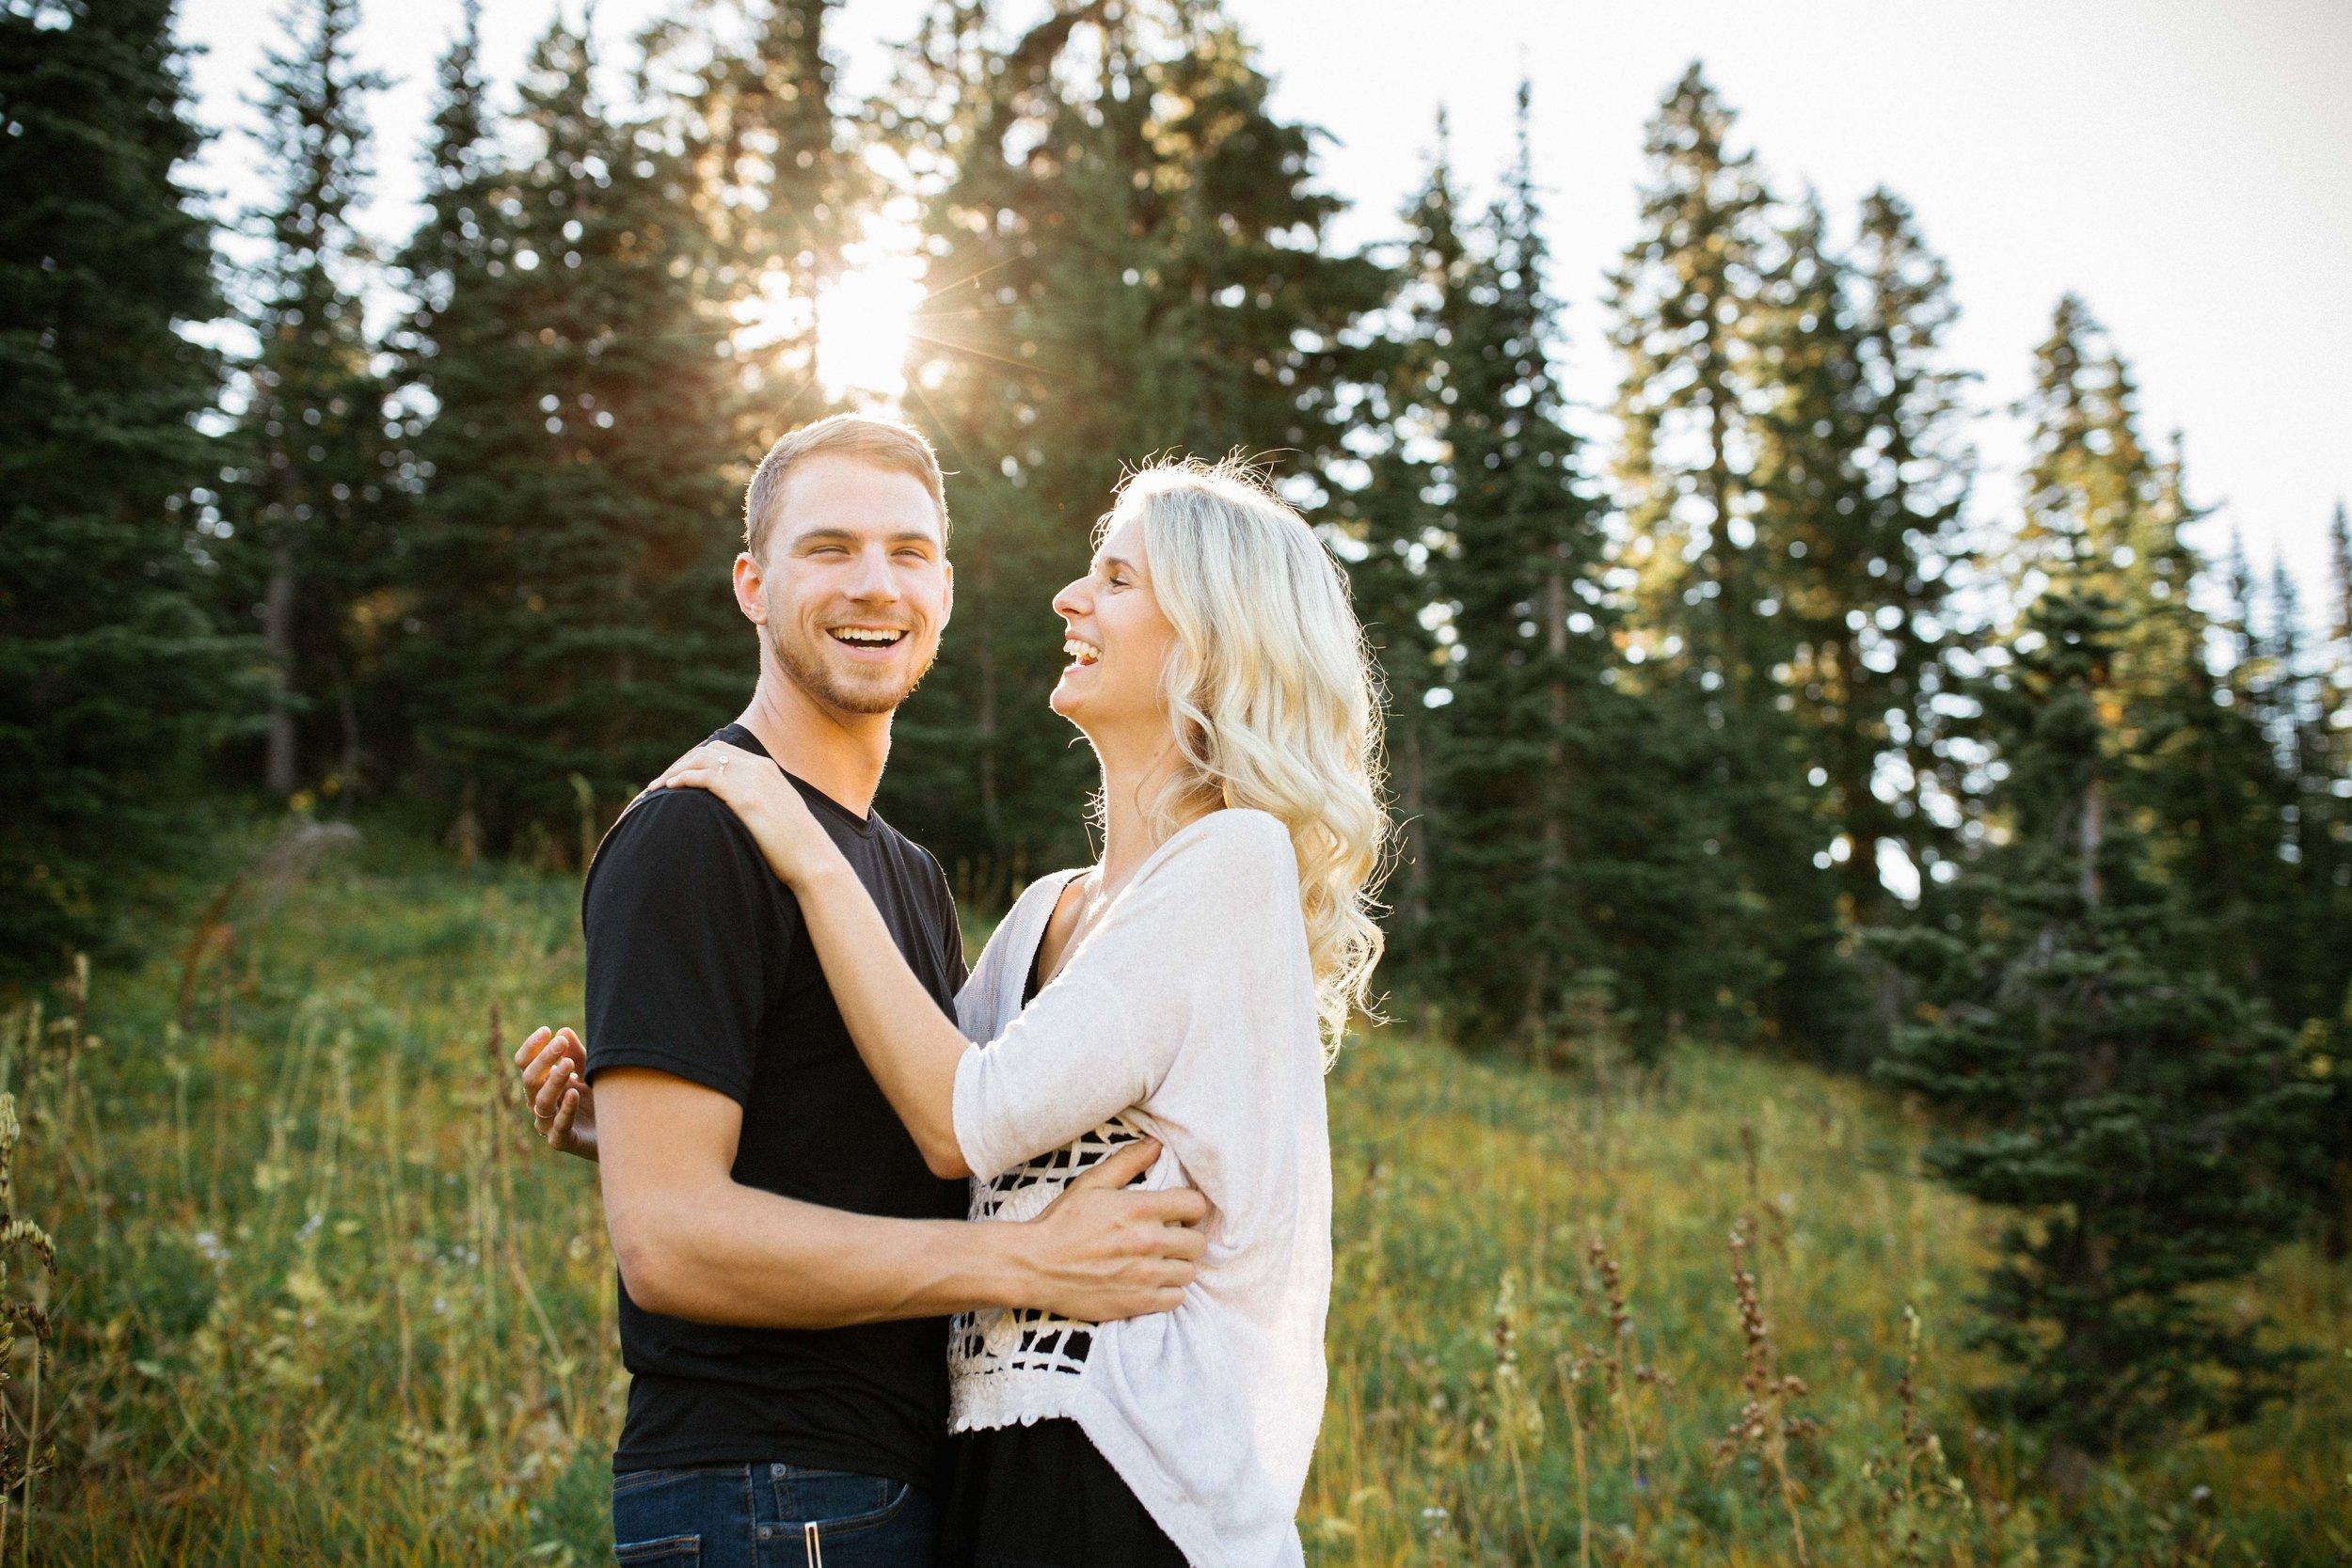 Alexis&Kyle-Engaged!BLOG-32.jpg